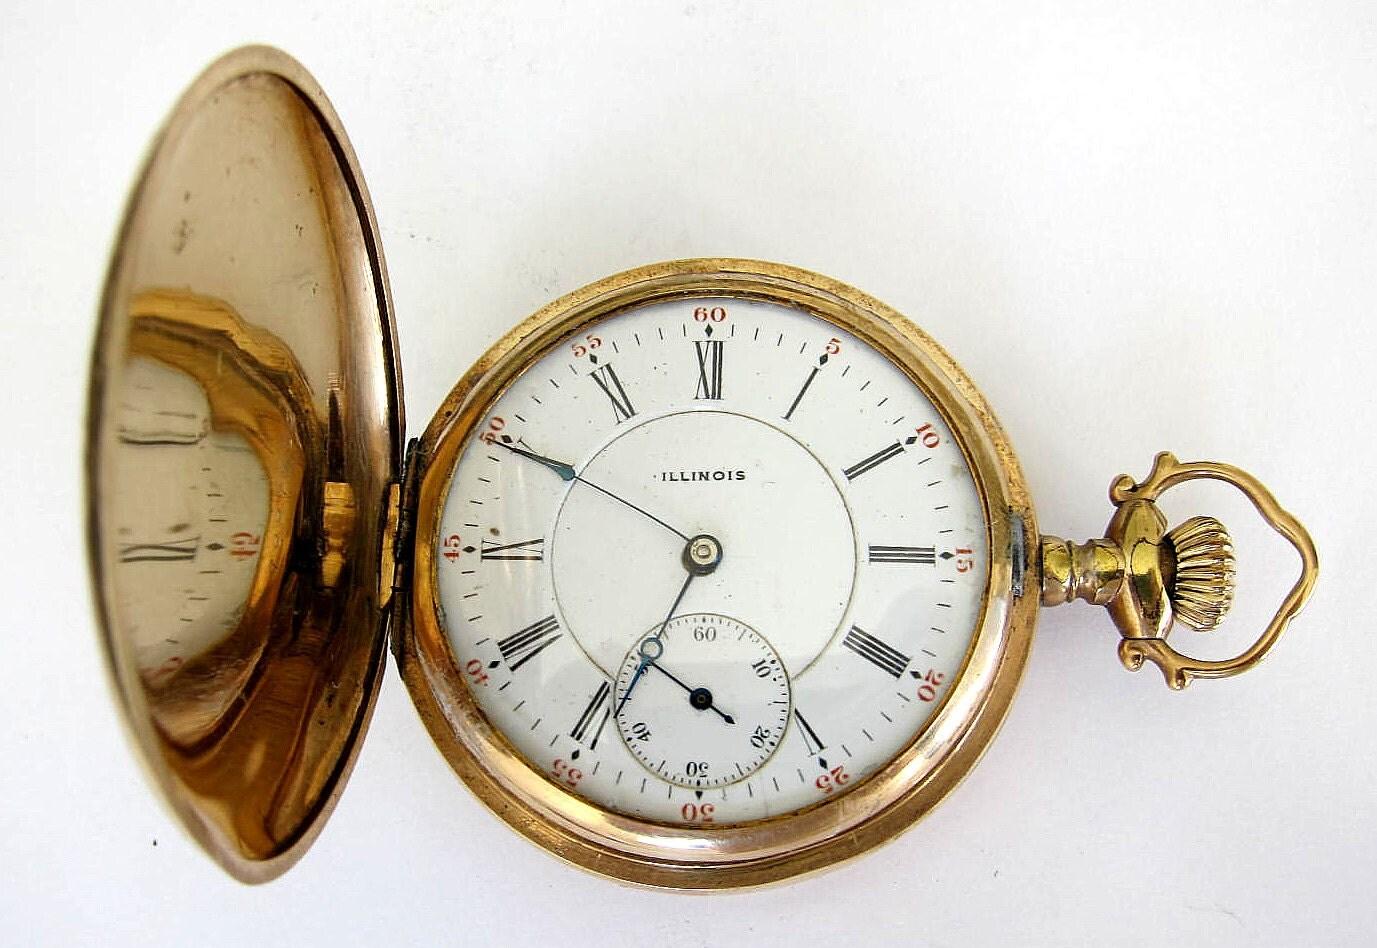 Vintage Watche markiert Illinois